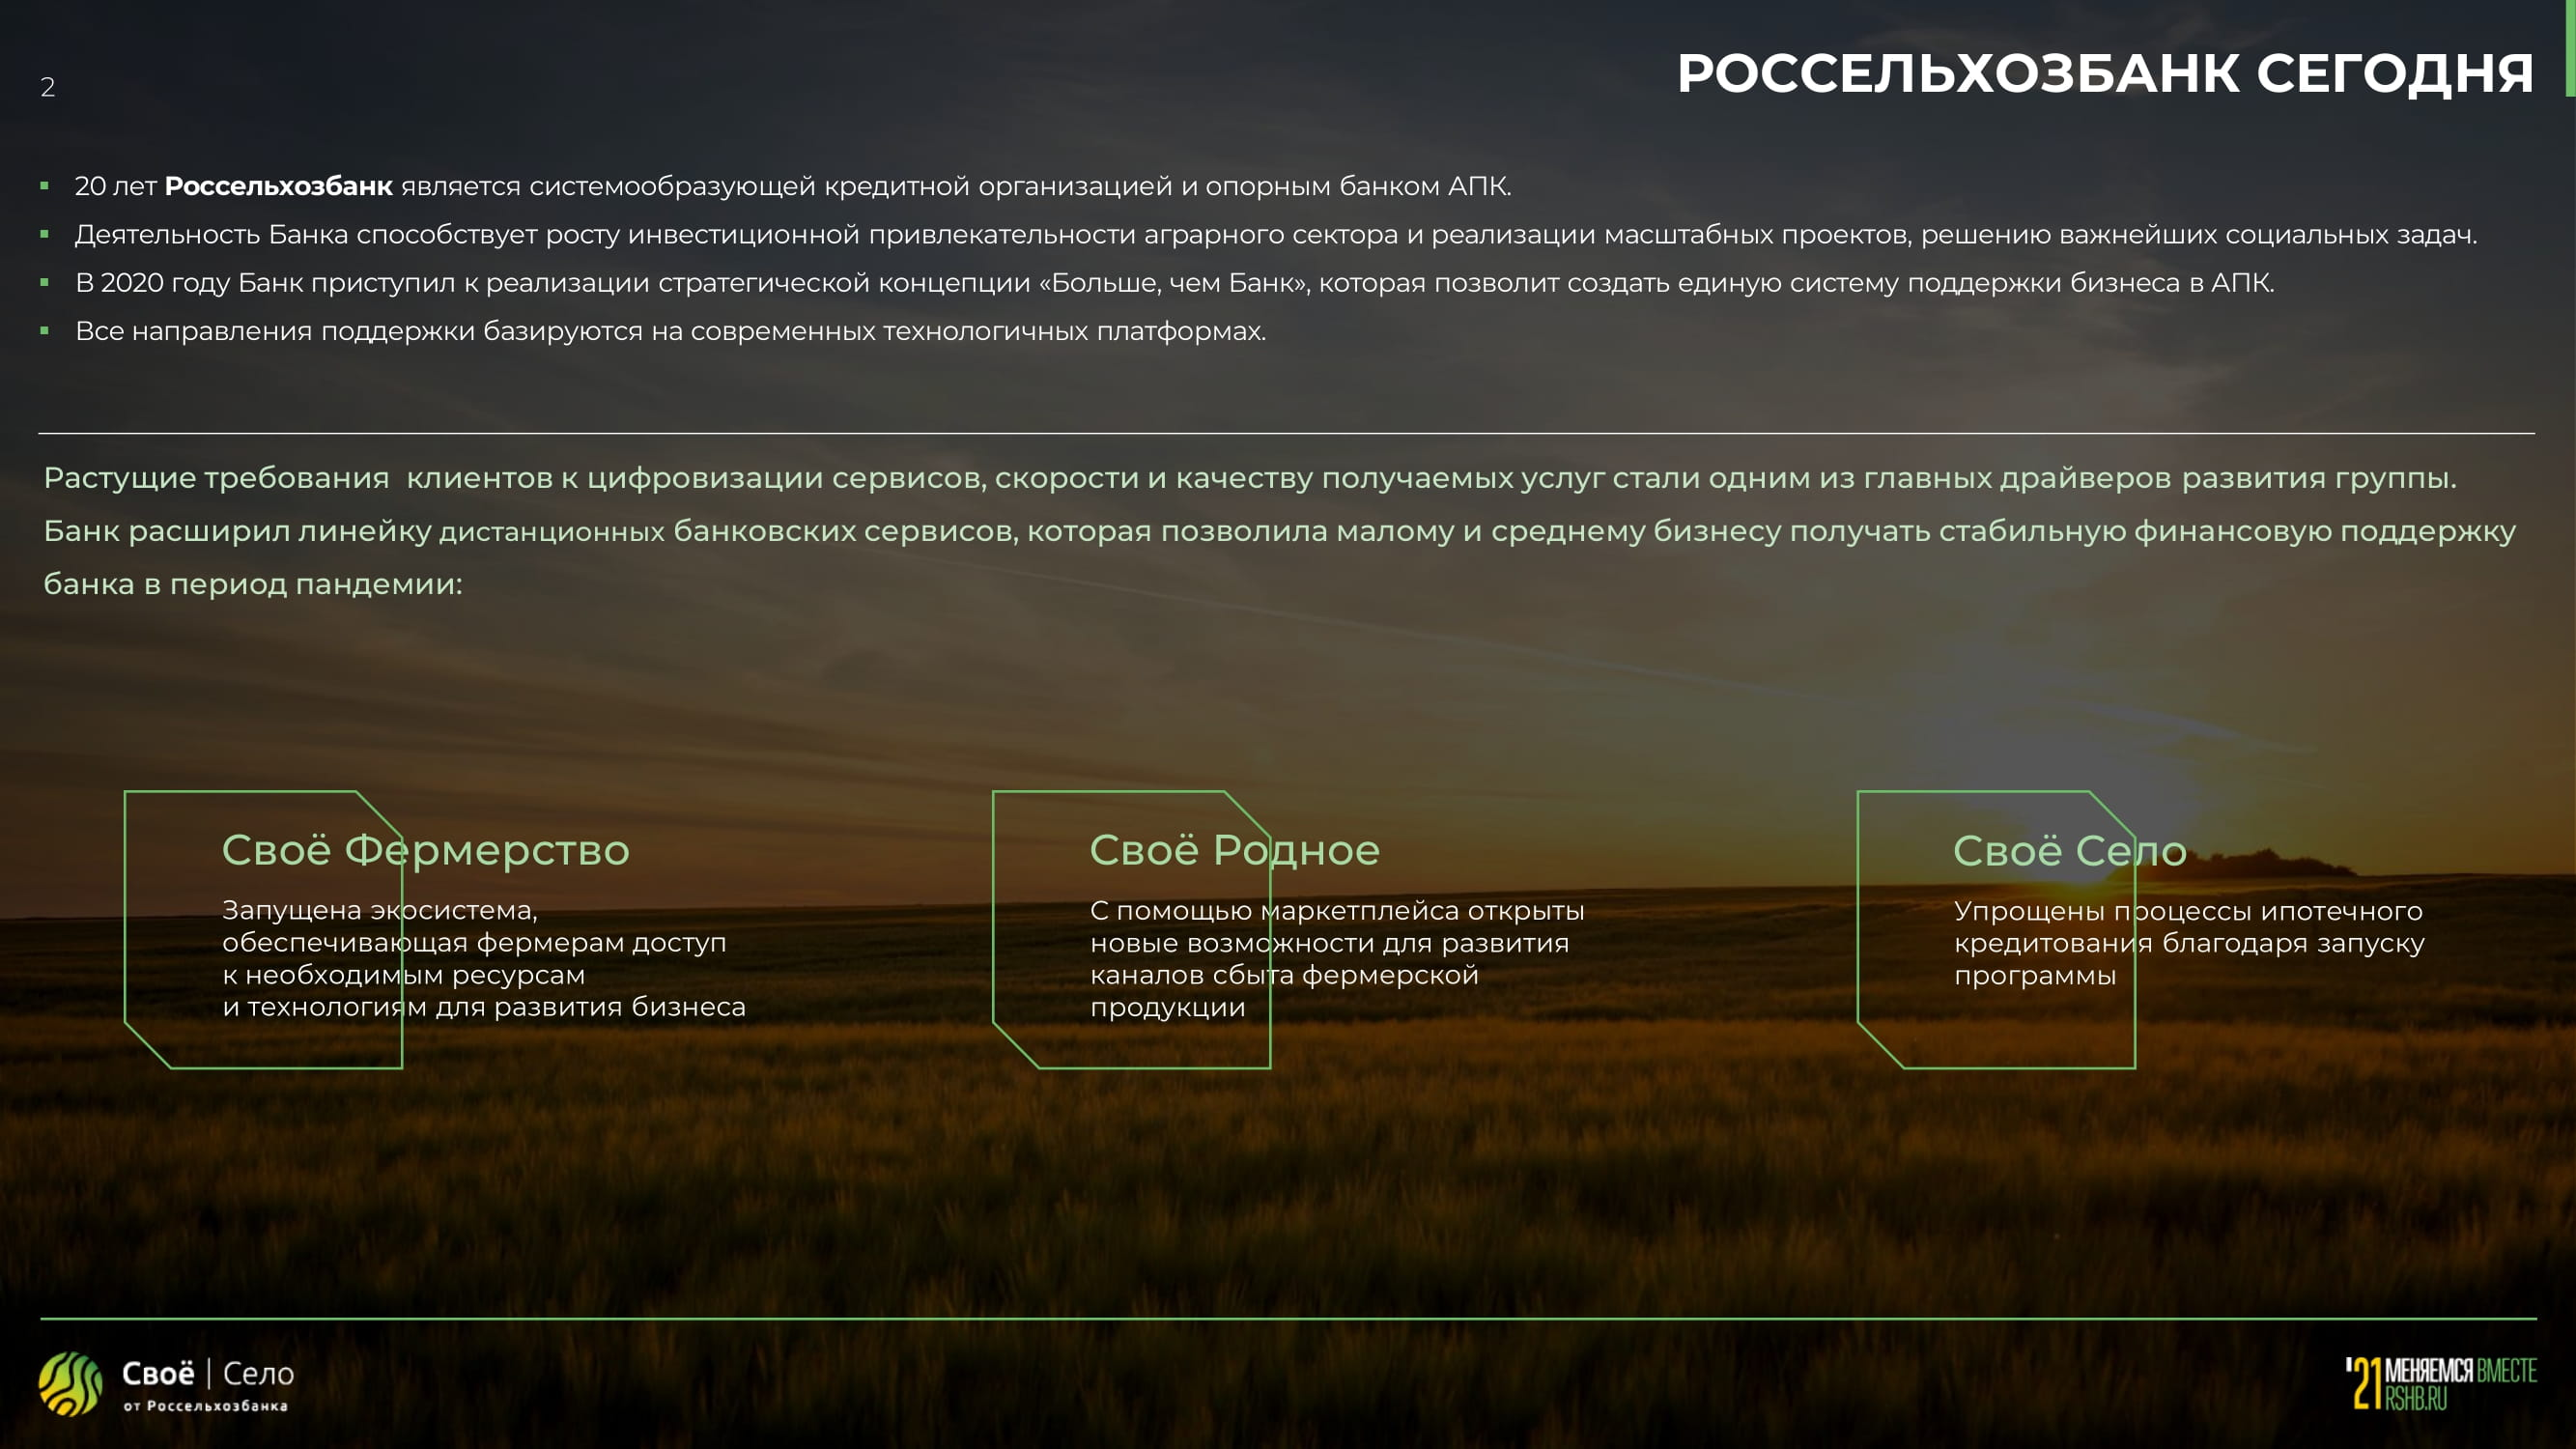 Свое-Село-новая-1-02